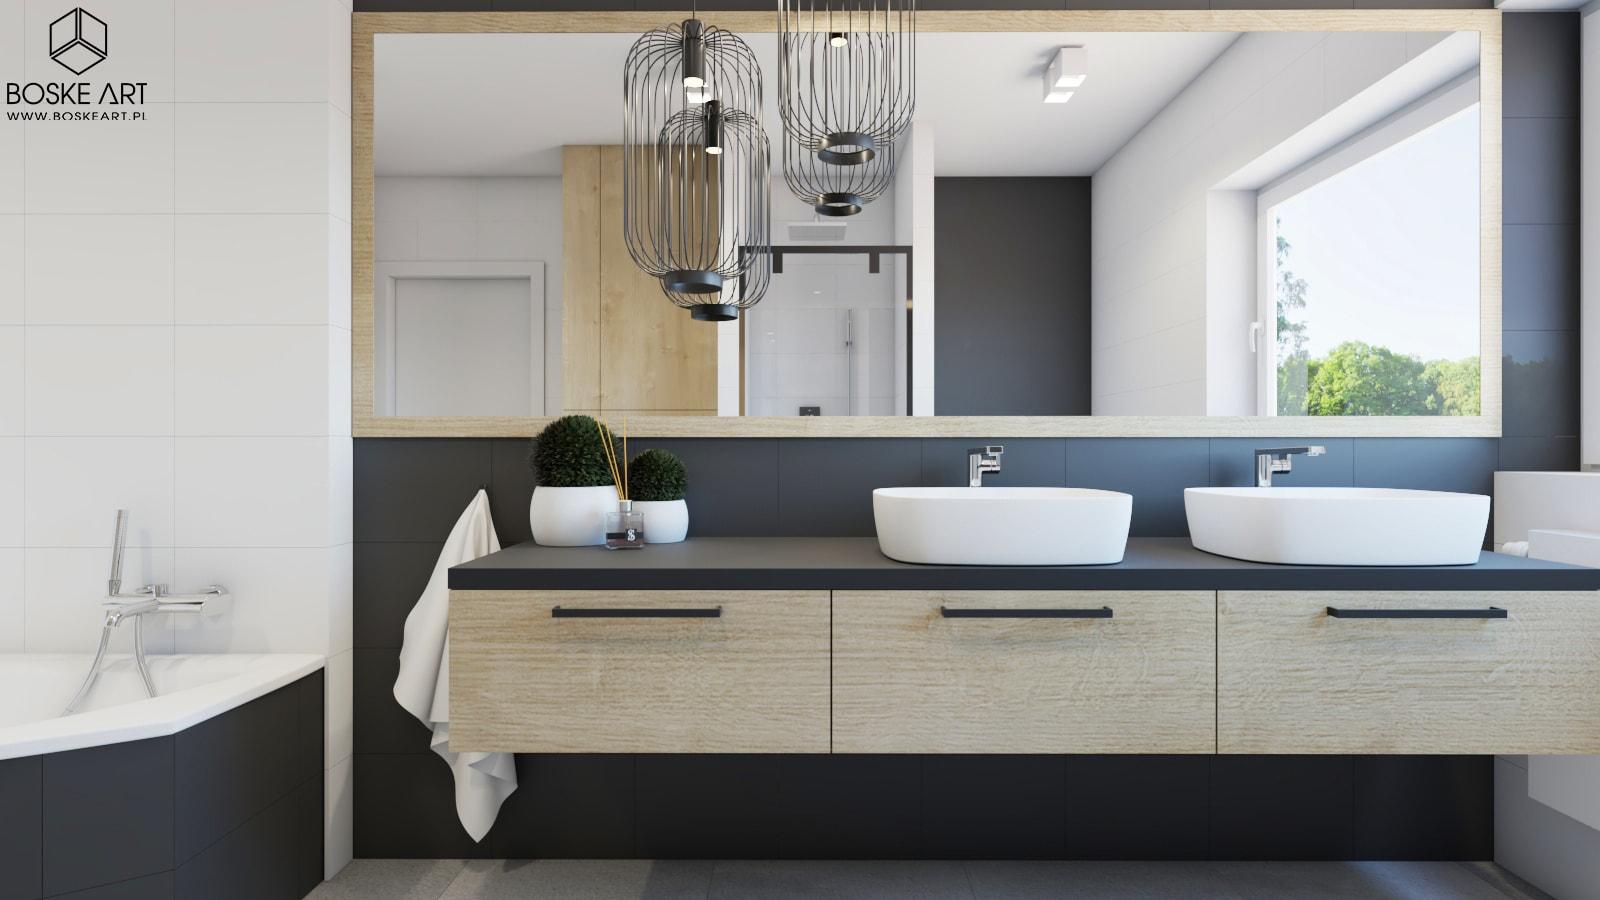 10_mieszkanie_poznan_boske_art_projektowanie_wnetrz_architektura_natalia_robaszkiewicz-min